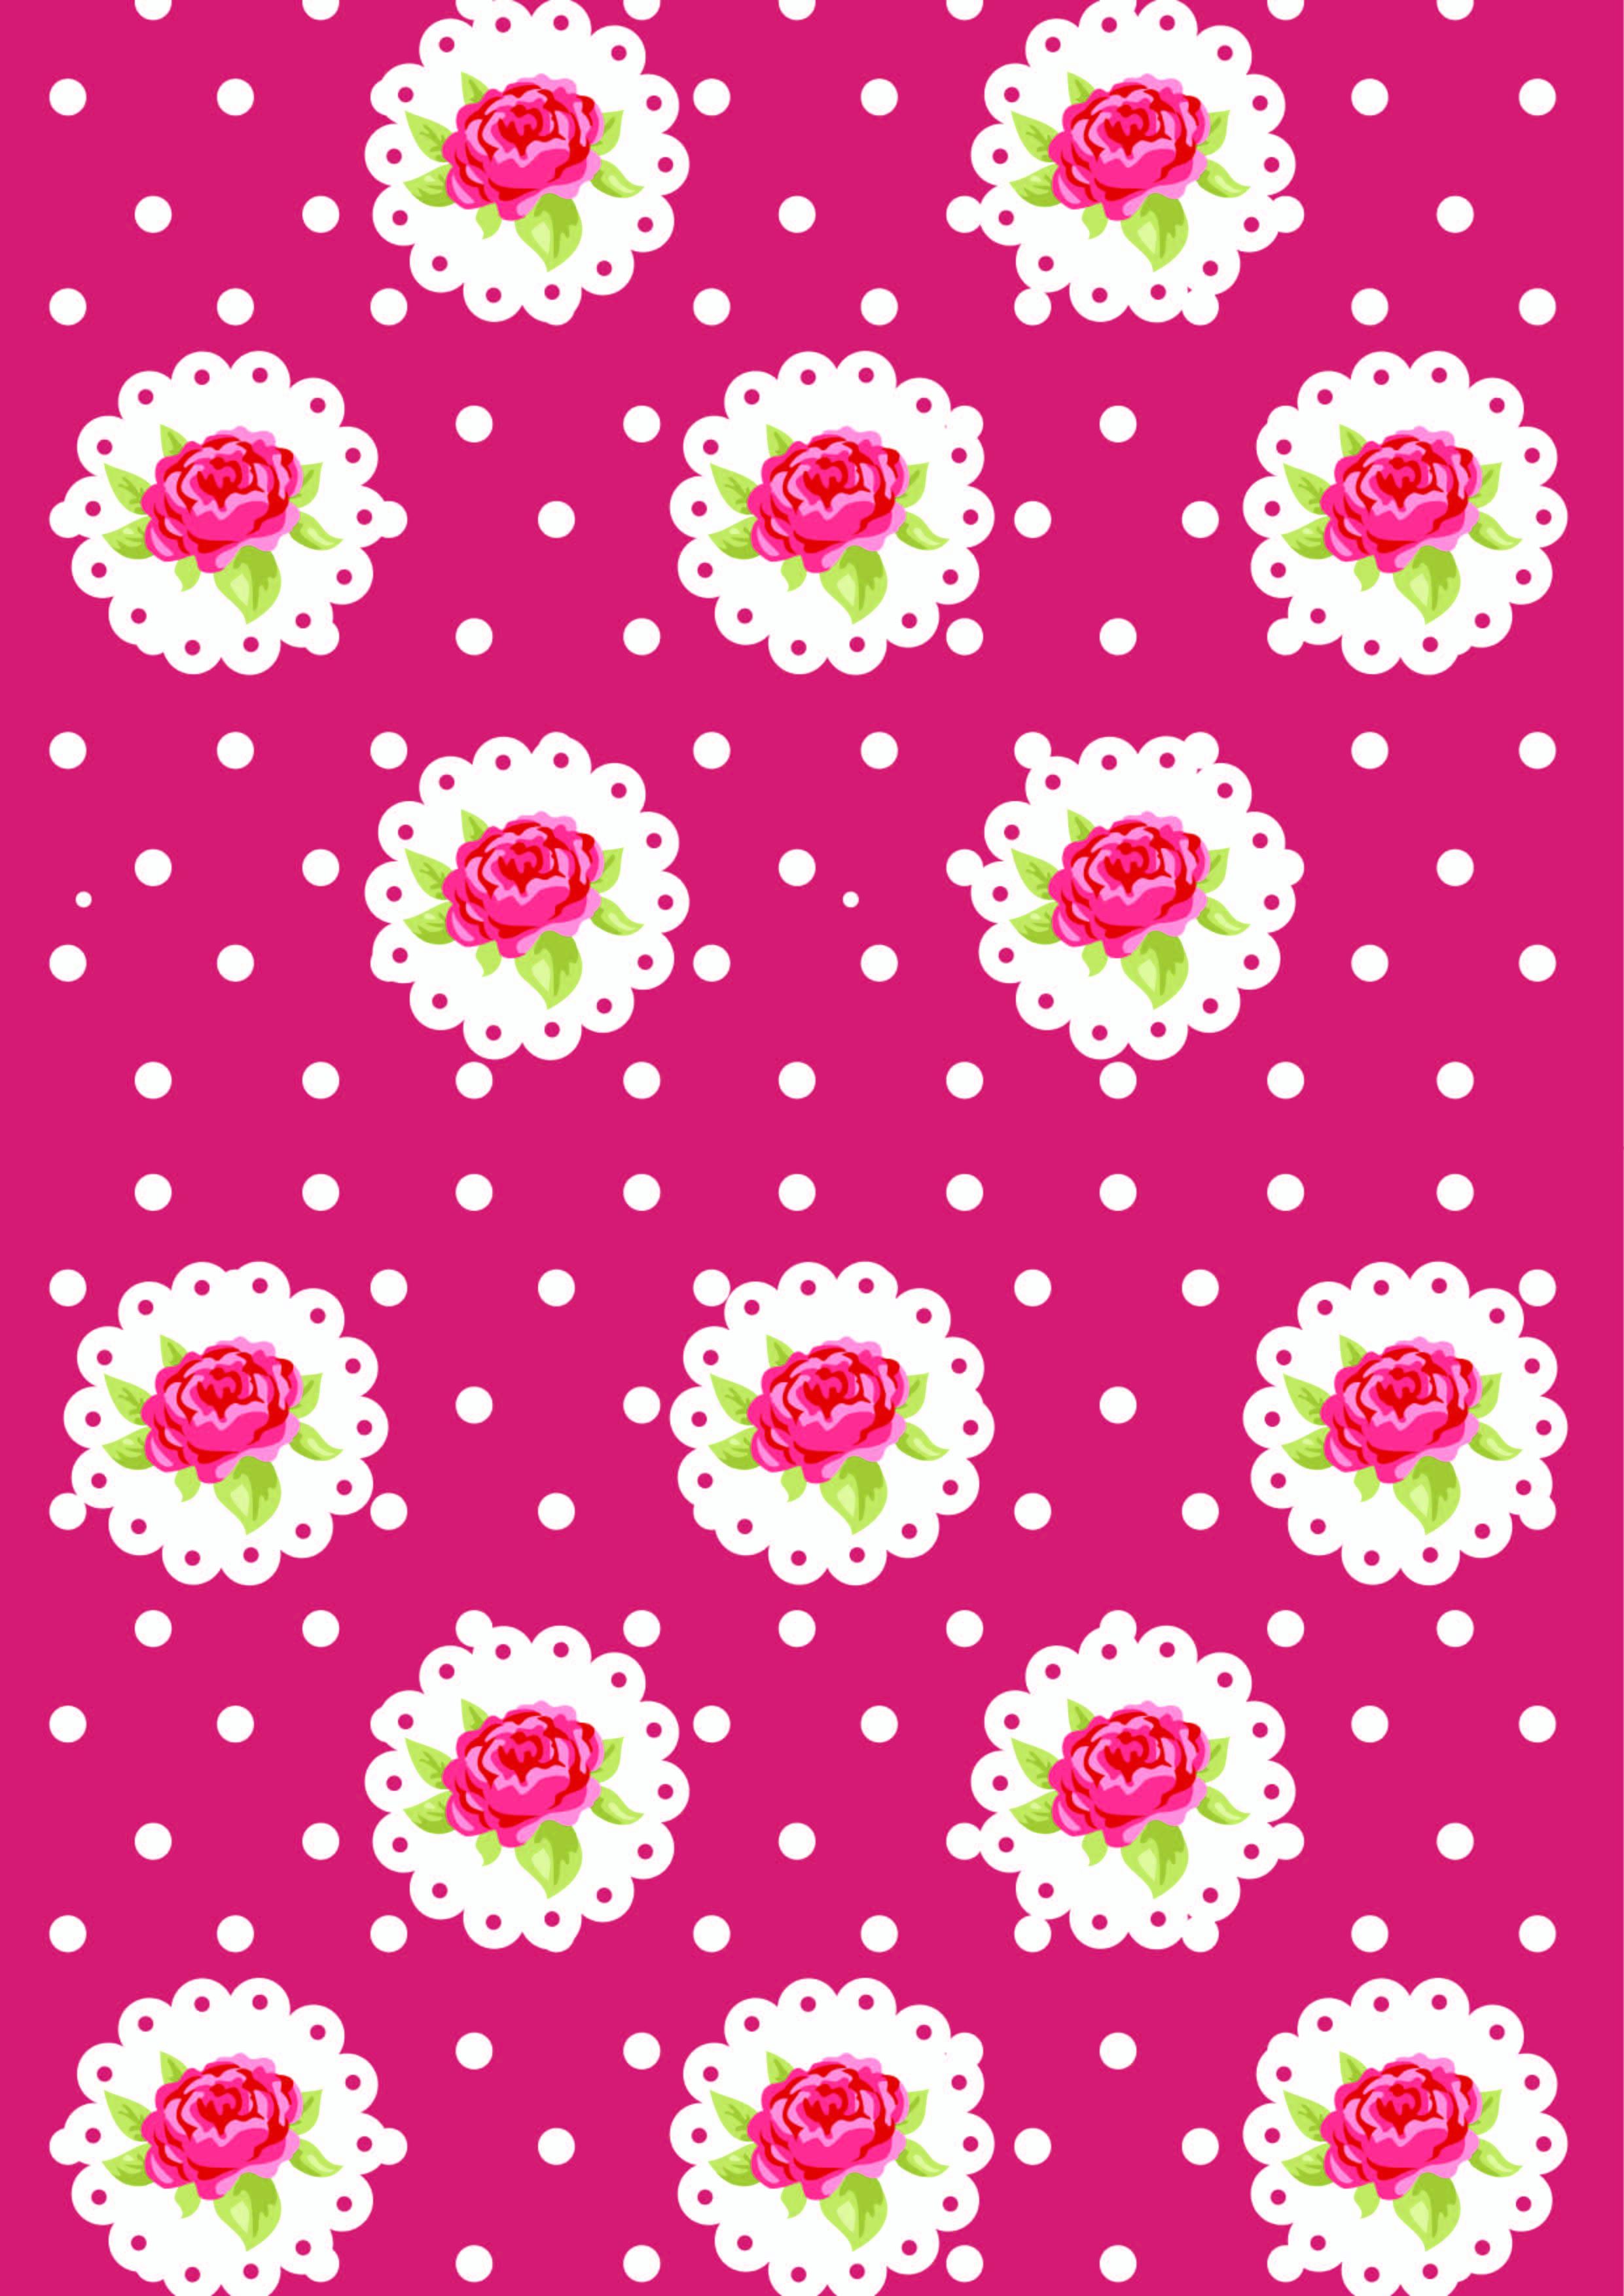 植物花纹玫瑰花拼接印花矢量图服装纺织数码印花花型素材-POP花型网